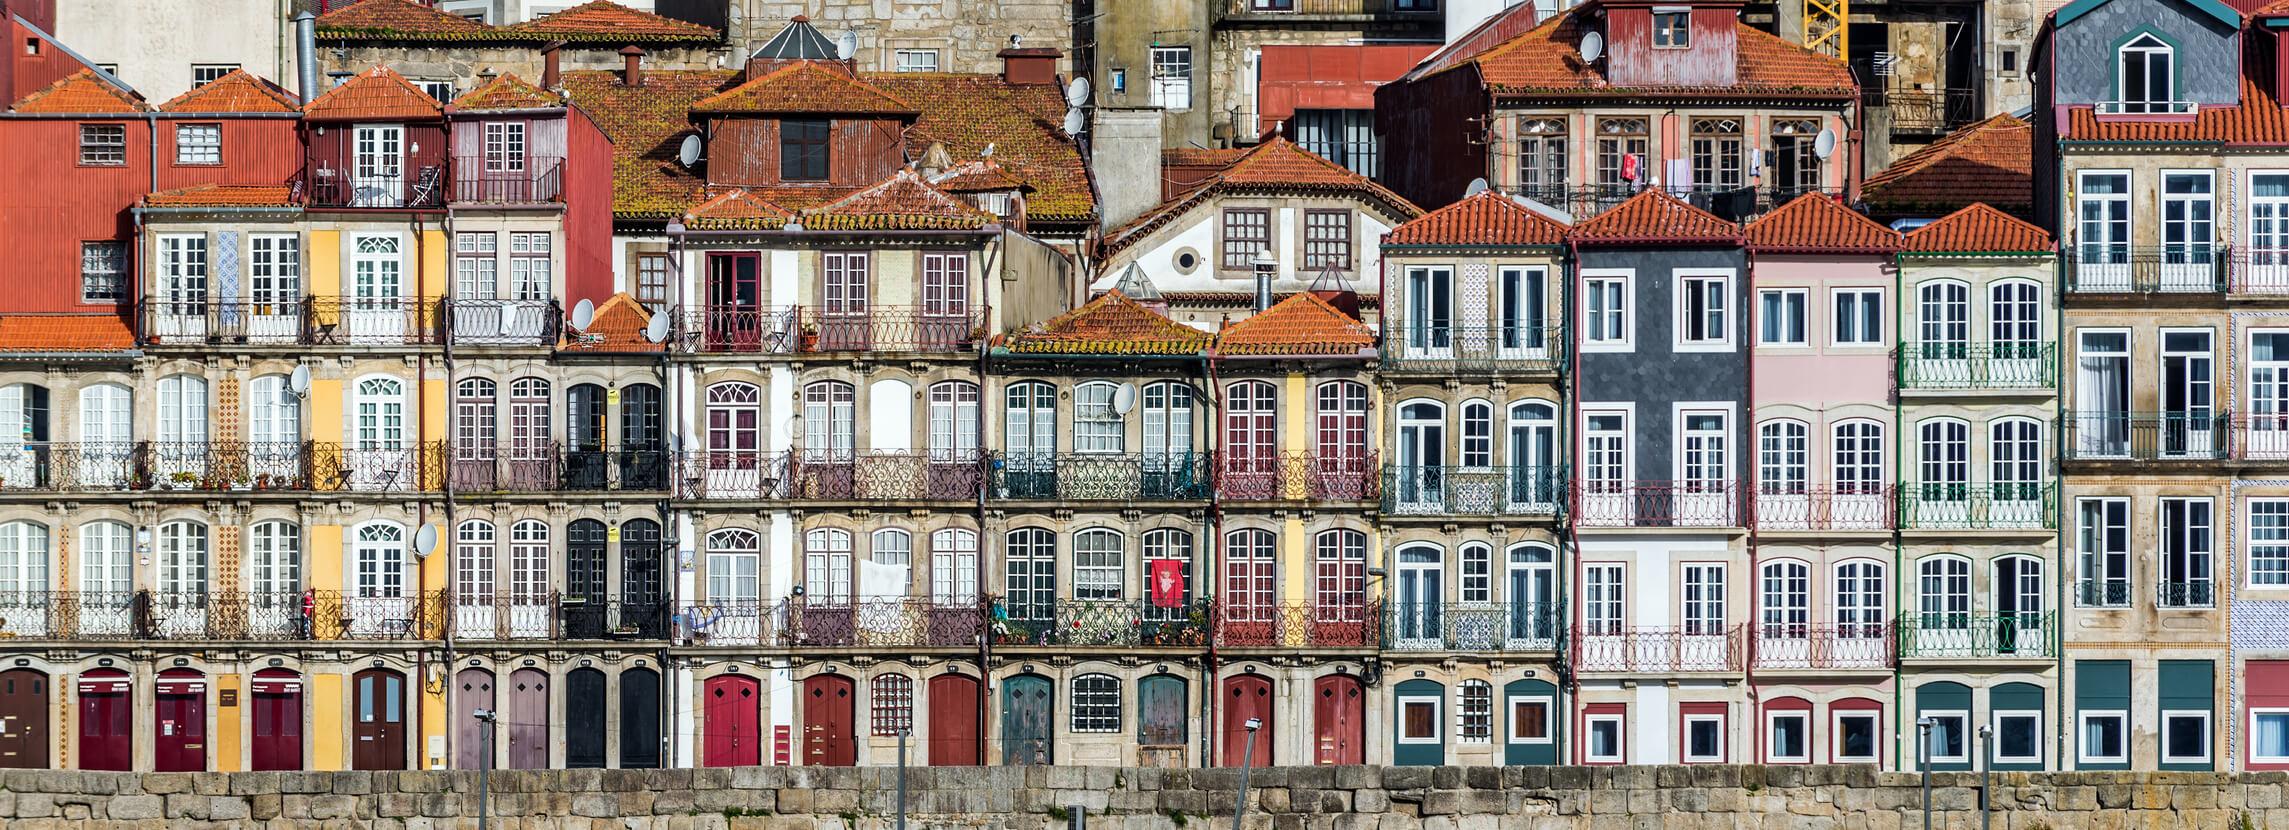 Visit Porto | Porto Day Trips | Van Go Tourism